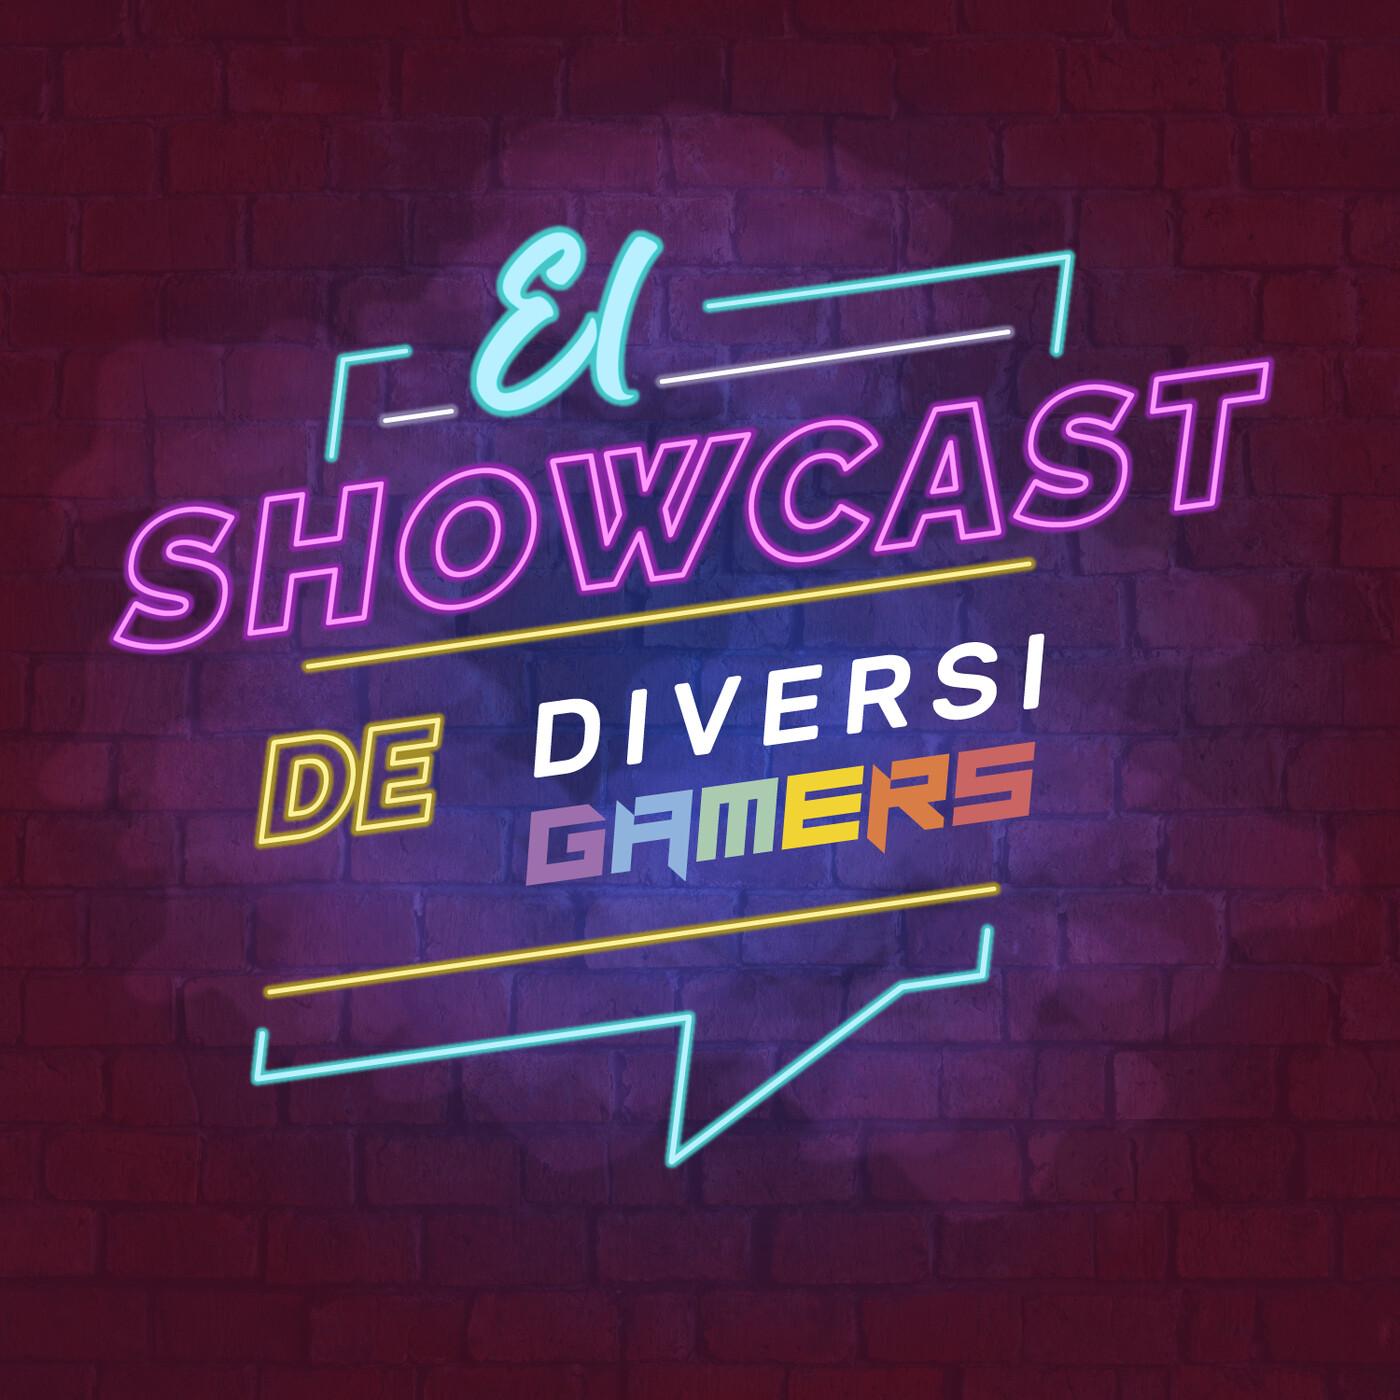 El Showcast de Diversigamers:Diversigamers